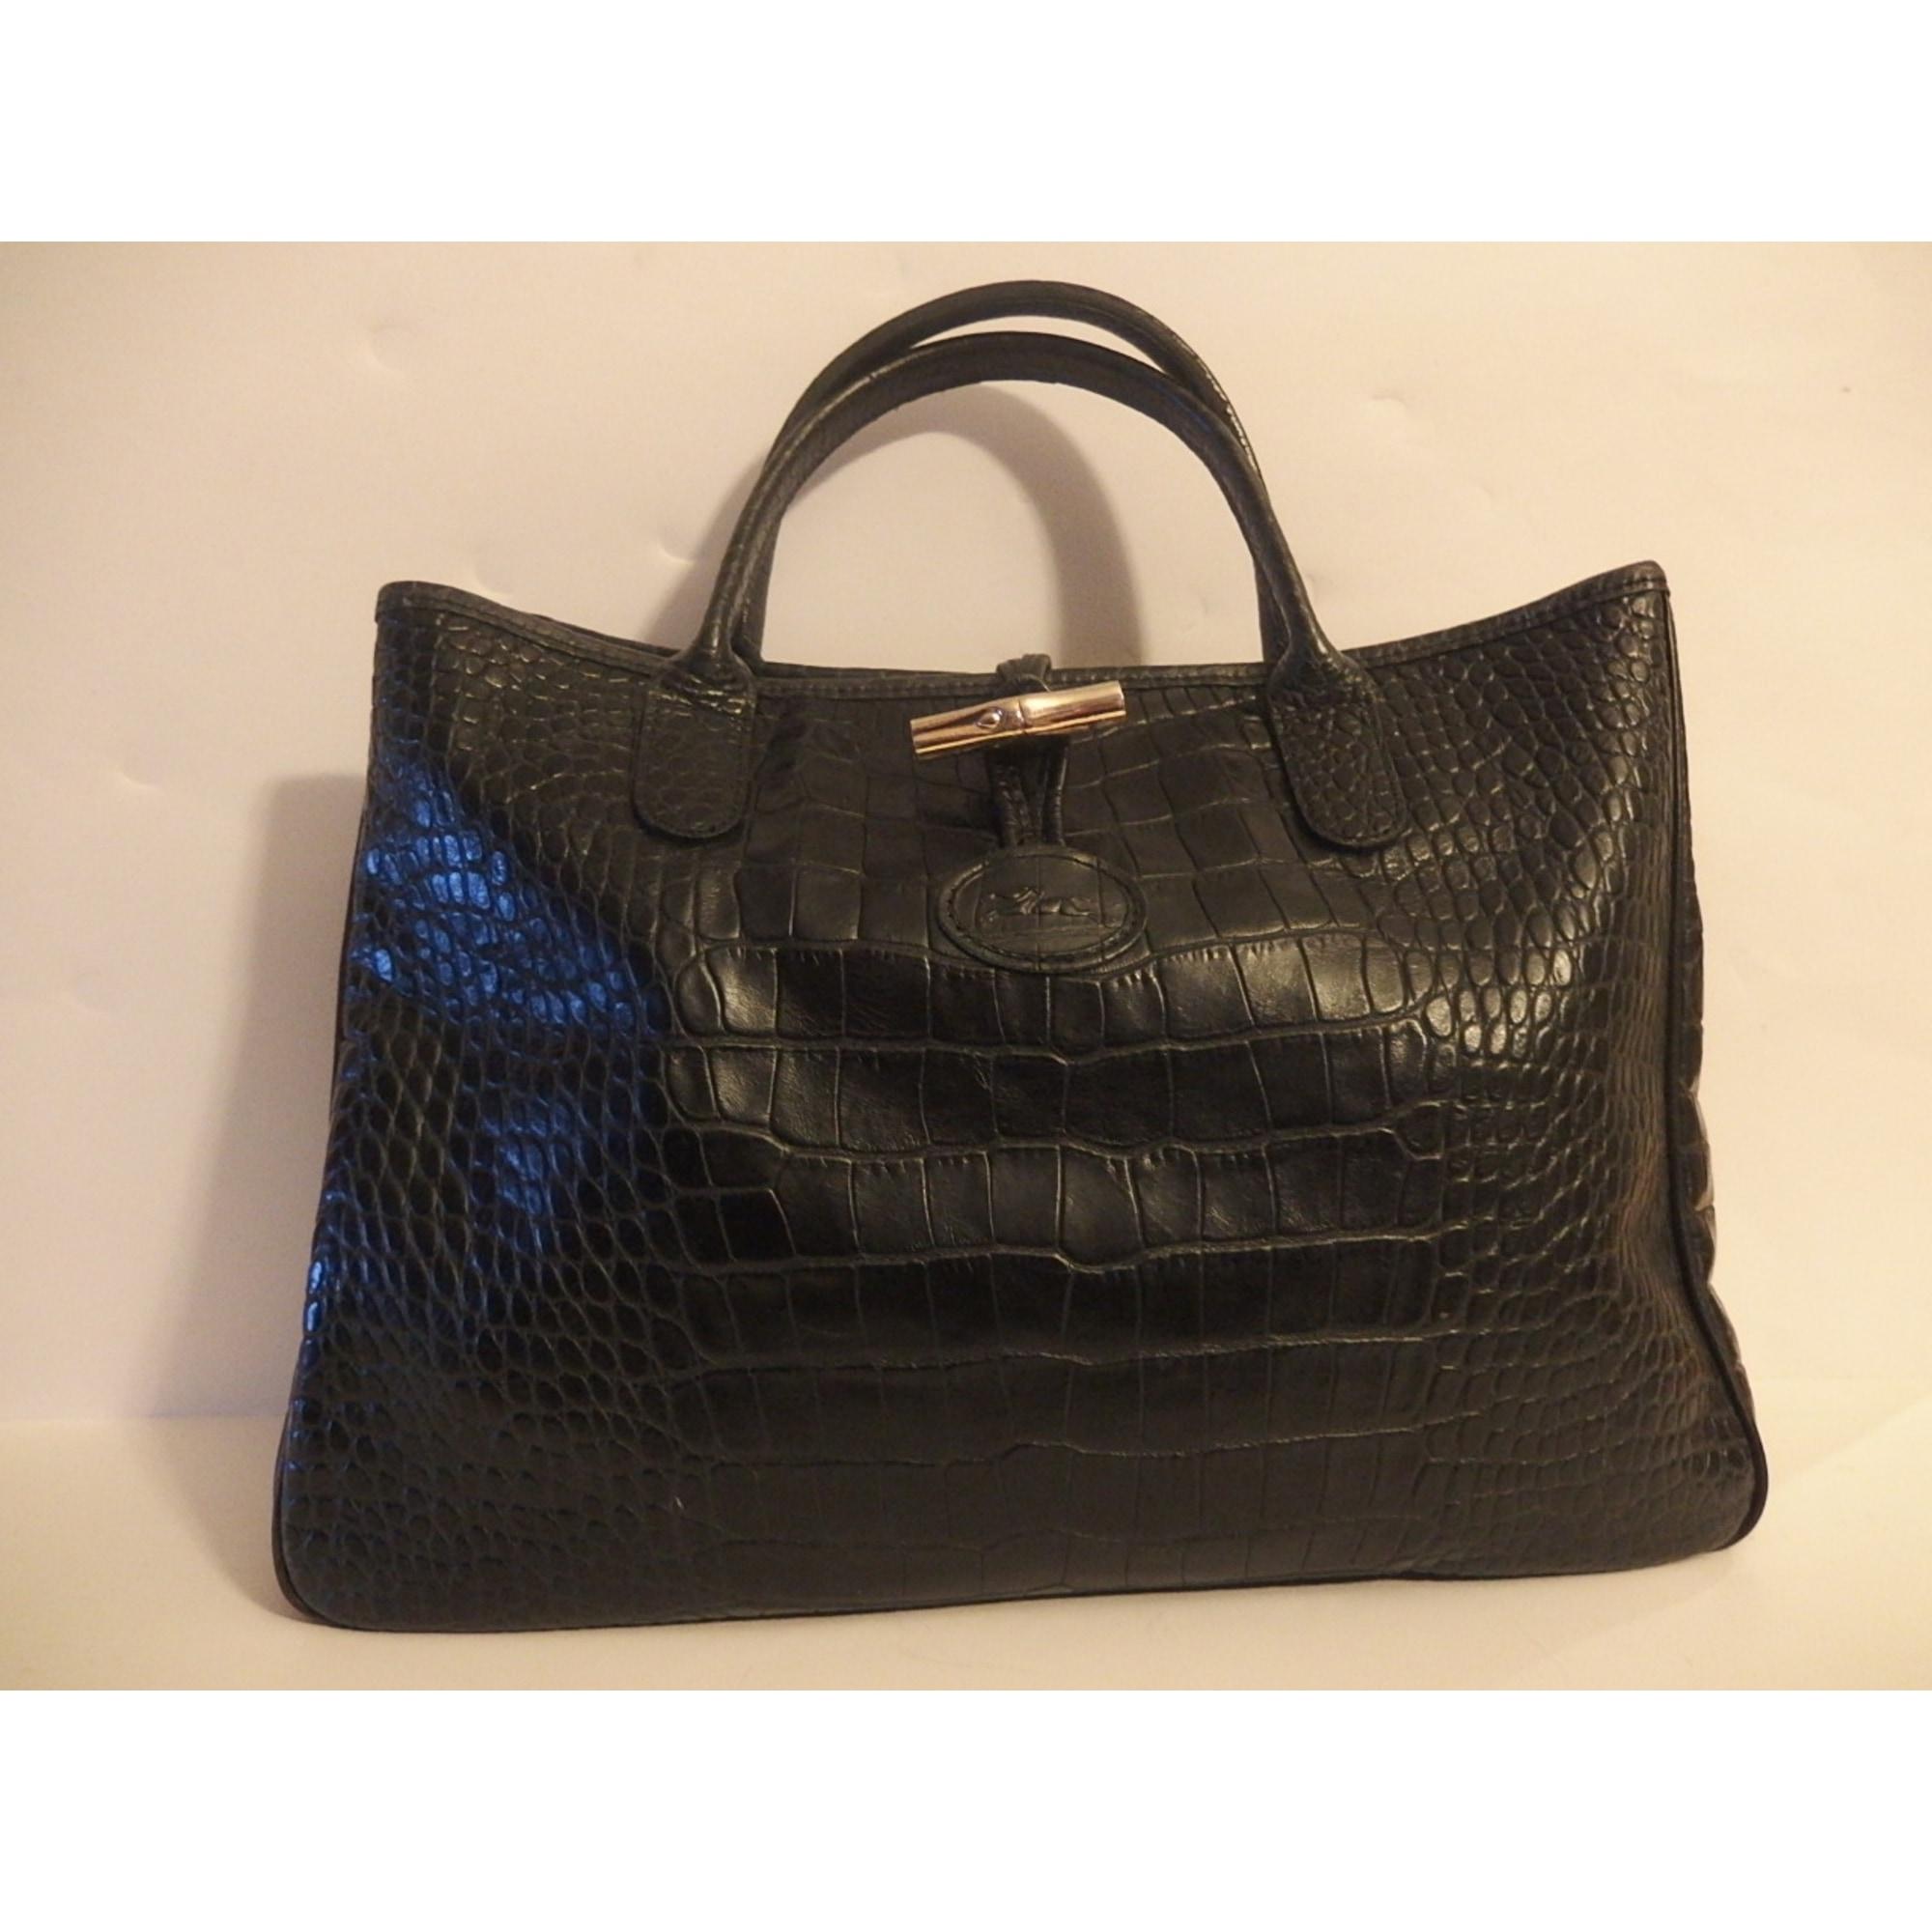 5313c217ca Sac à main en cuir LONGCHAMP noir vendu par Elise loubes - 3211037